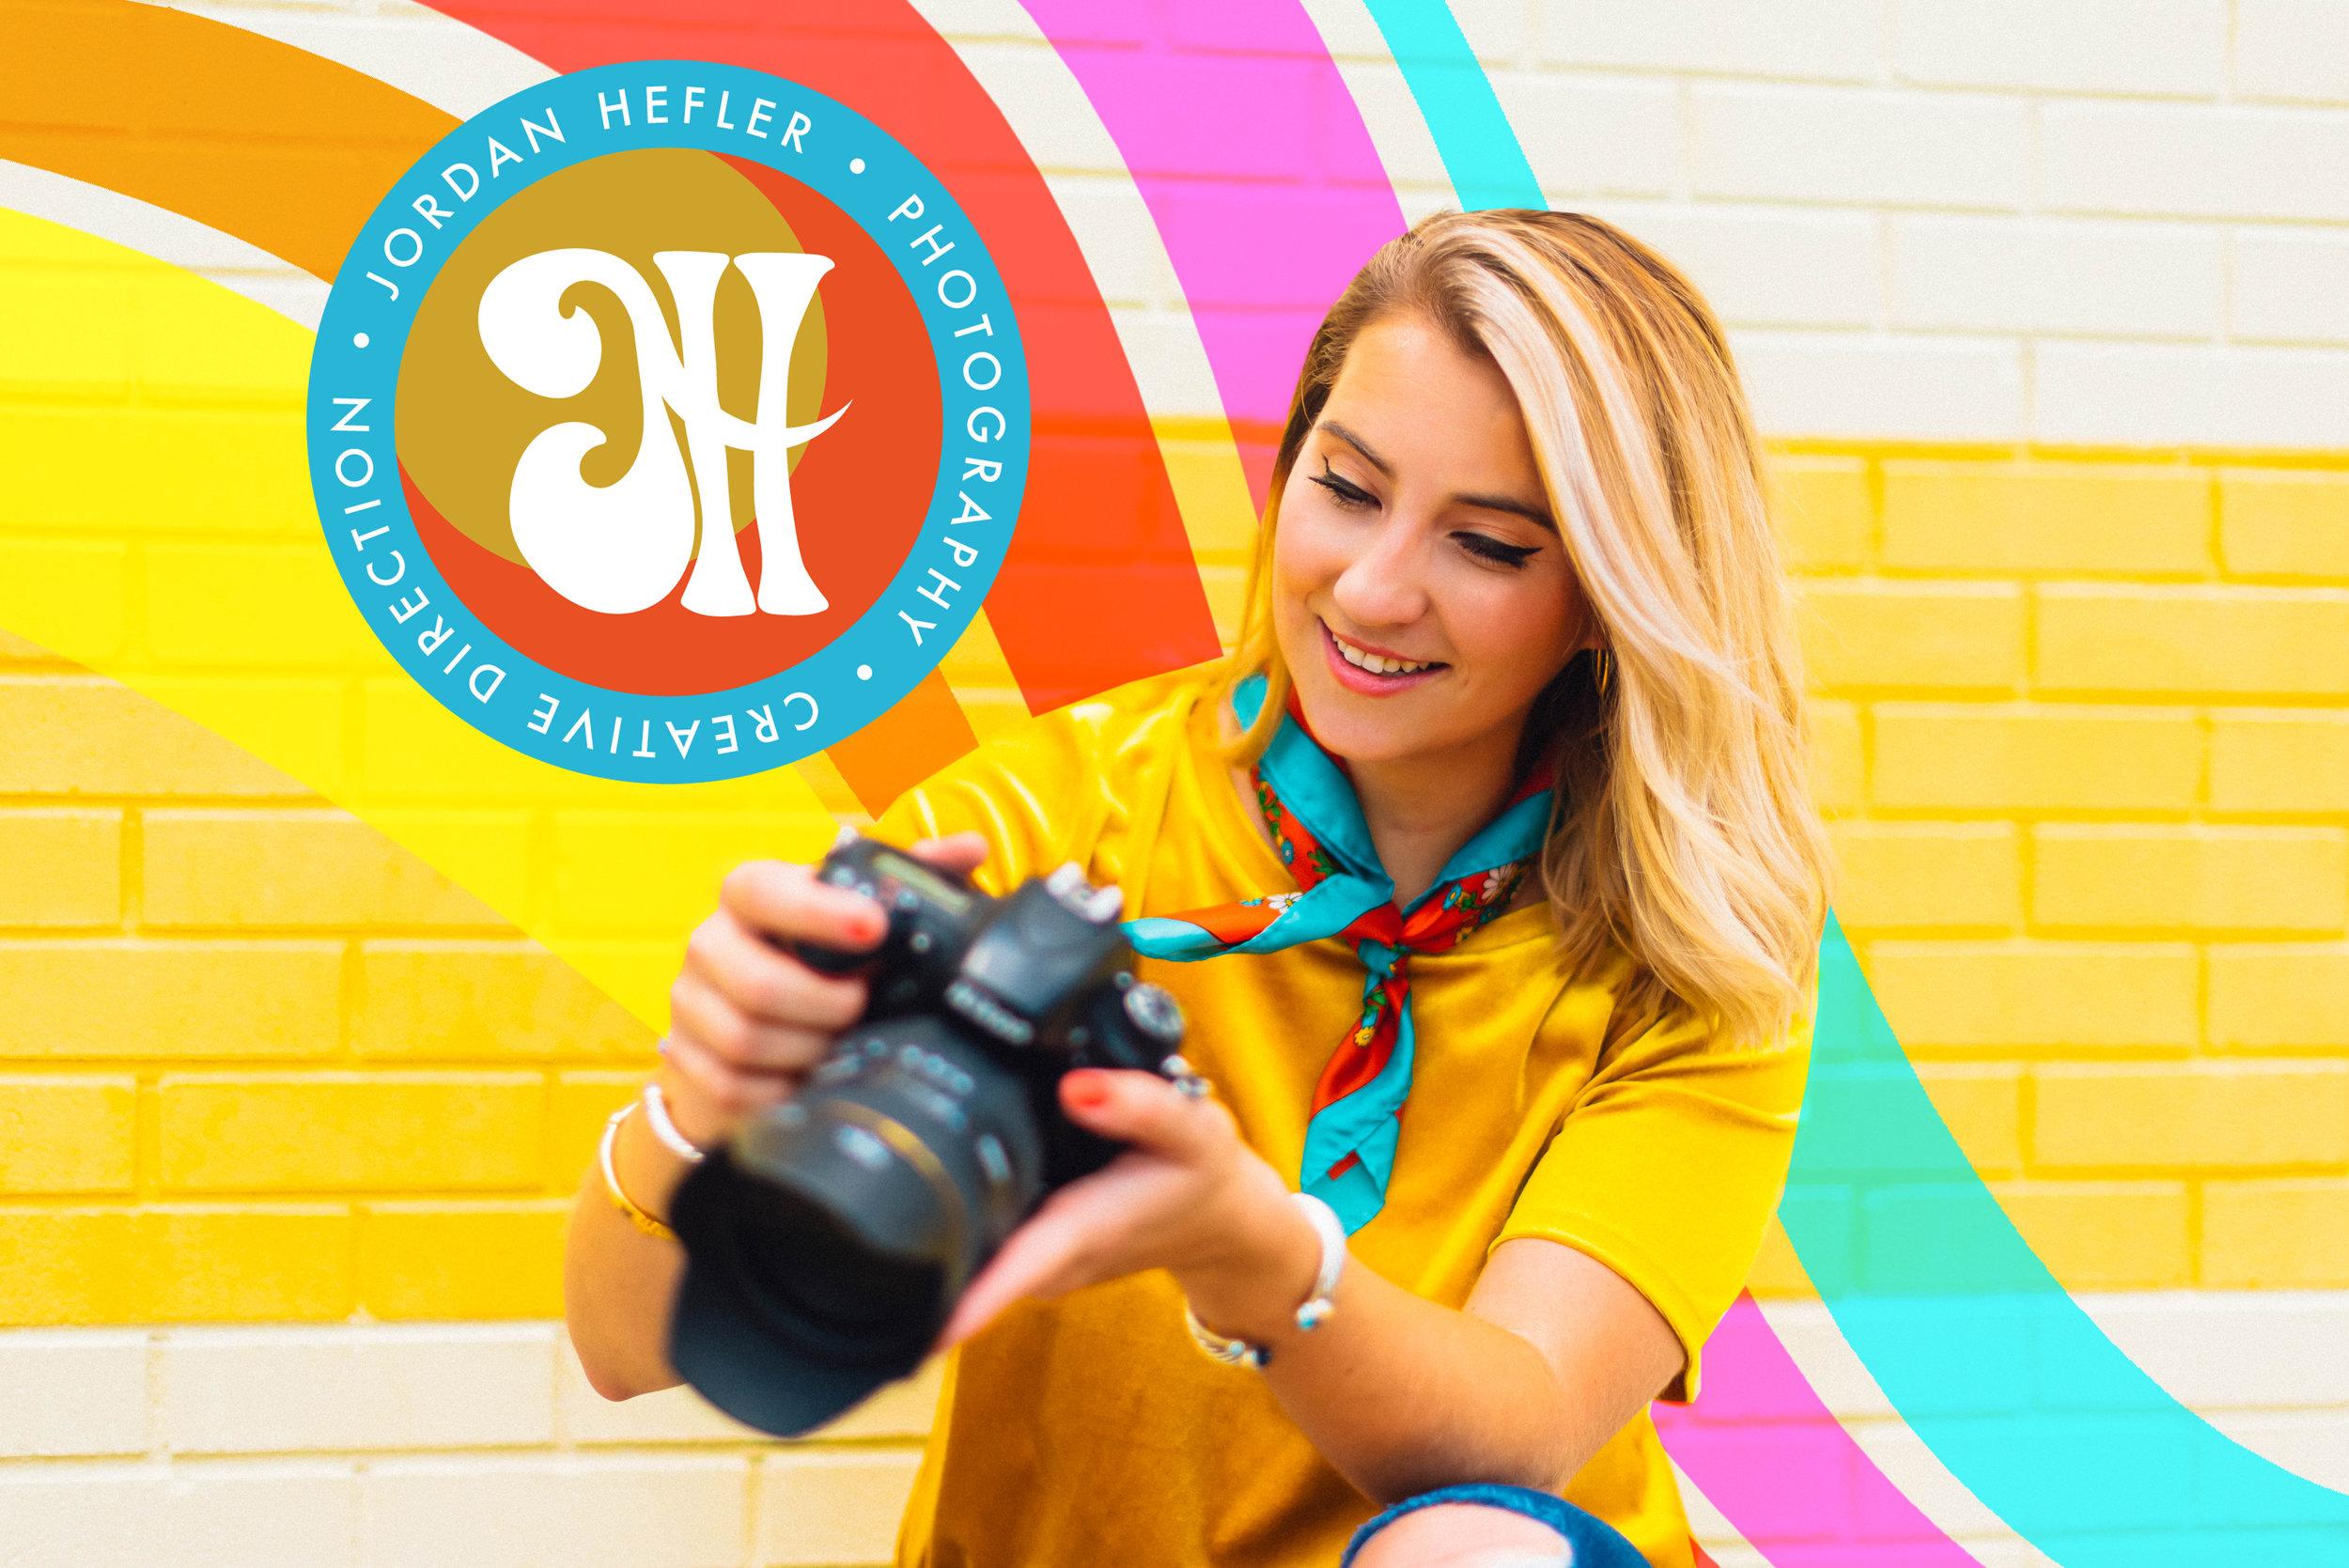 Jordan Hefler | Commercial Branding Photographer and Creative Entrepreneur